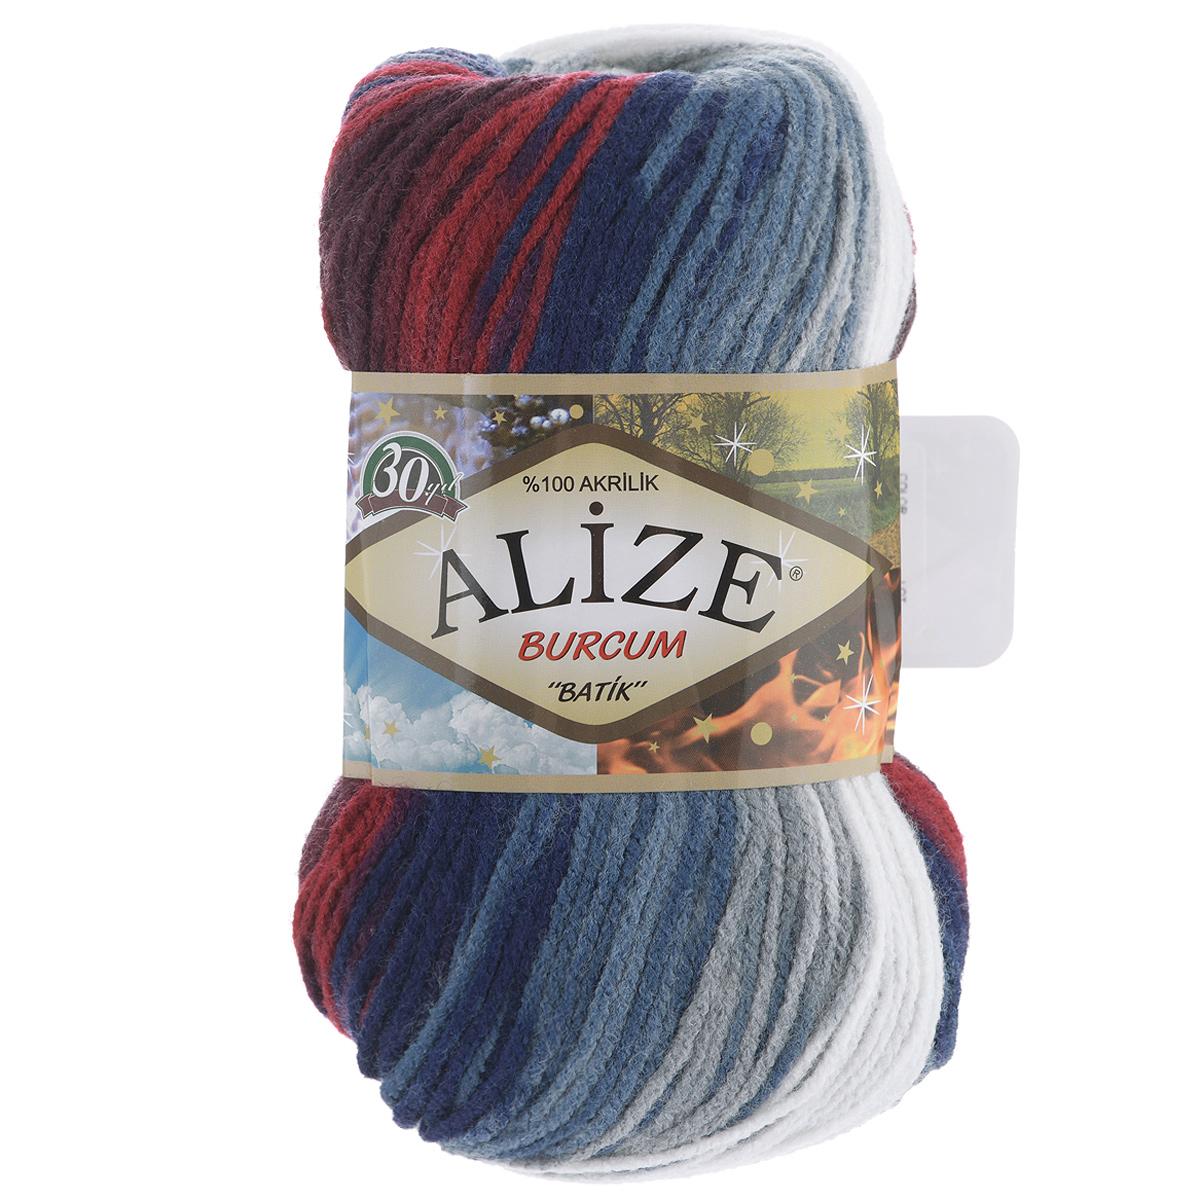 Пряжа для вязания Alize Burсum Batik, цвет: синий, белый, бордовый (2978), 210 м, 100 г, 5 шт364118_2978Пряжа Alize Burсum Batik - это классическая демисезонная пряжа секционного крашения. Она мягкая, «нескрипучая». Нить плотно скручена, после распускания не деформируется. Связанные вещи не колются, не линяют, не теряют своей формы, не образуют катышков. Такую пряжу можно даже использовать для вязания детской одежды. Пряжа Alize Burсum Batik идеальна для создания свитеров, регланов, жилетов, кардиганов, шарфов, шапок, аксессуаров, пледов и др. Рекомендованные спицы для вязания 4-6 мм. Состав: 100% акрил.